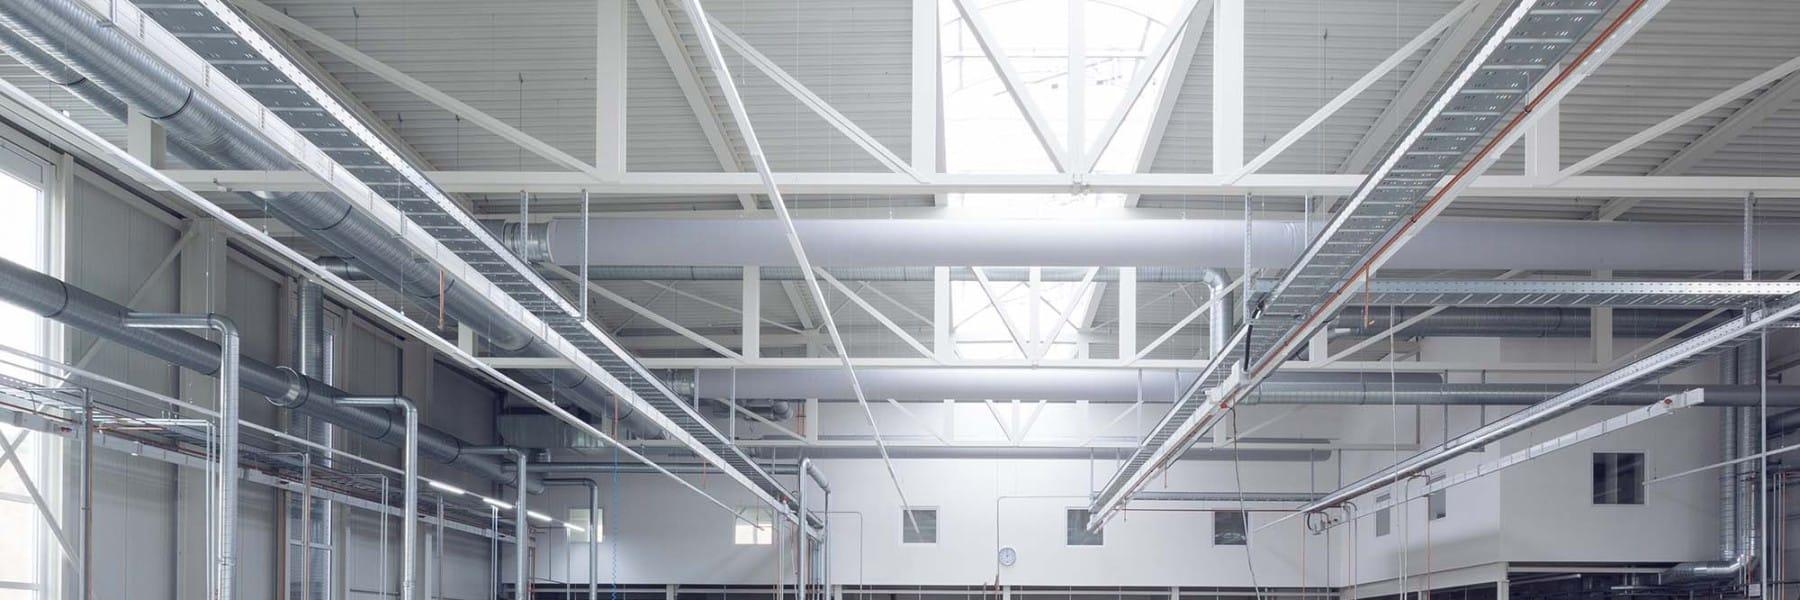 Gewerbehalle bauen IBS